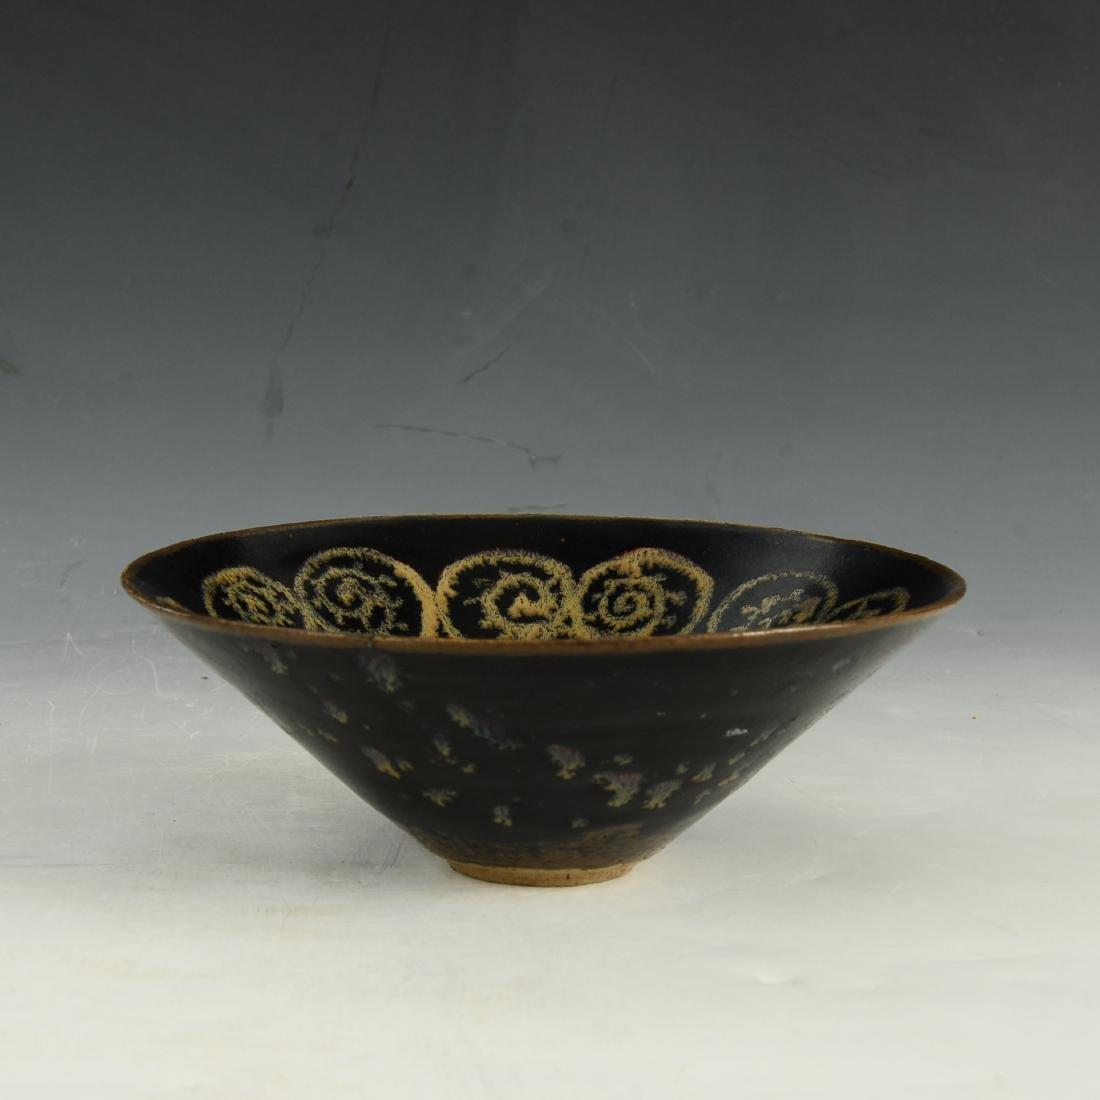 Chinese Antique Jie Zhou Yao Bowl